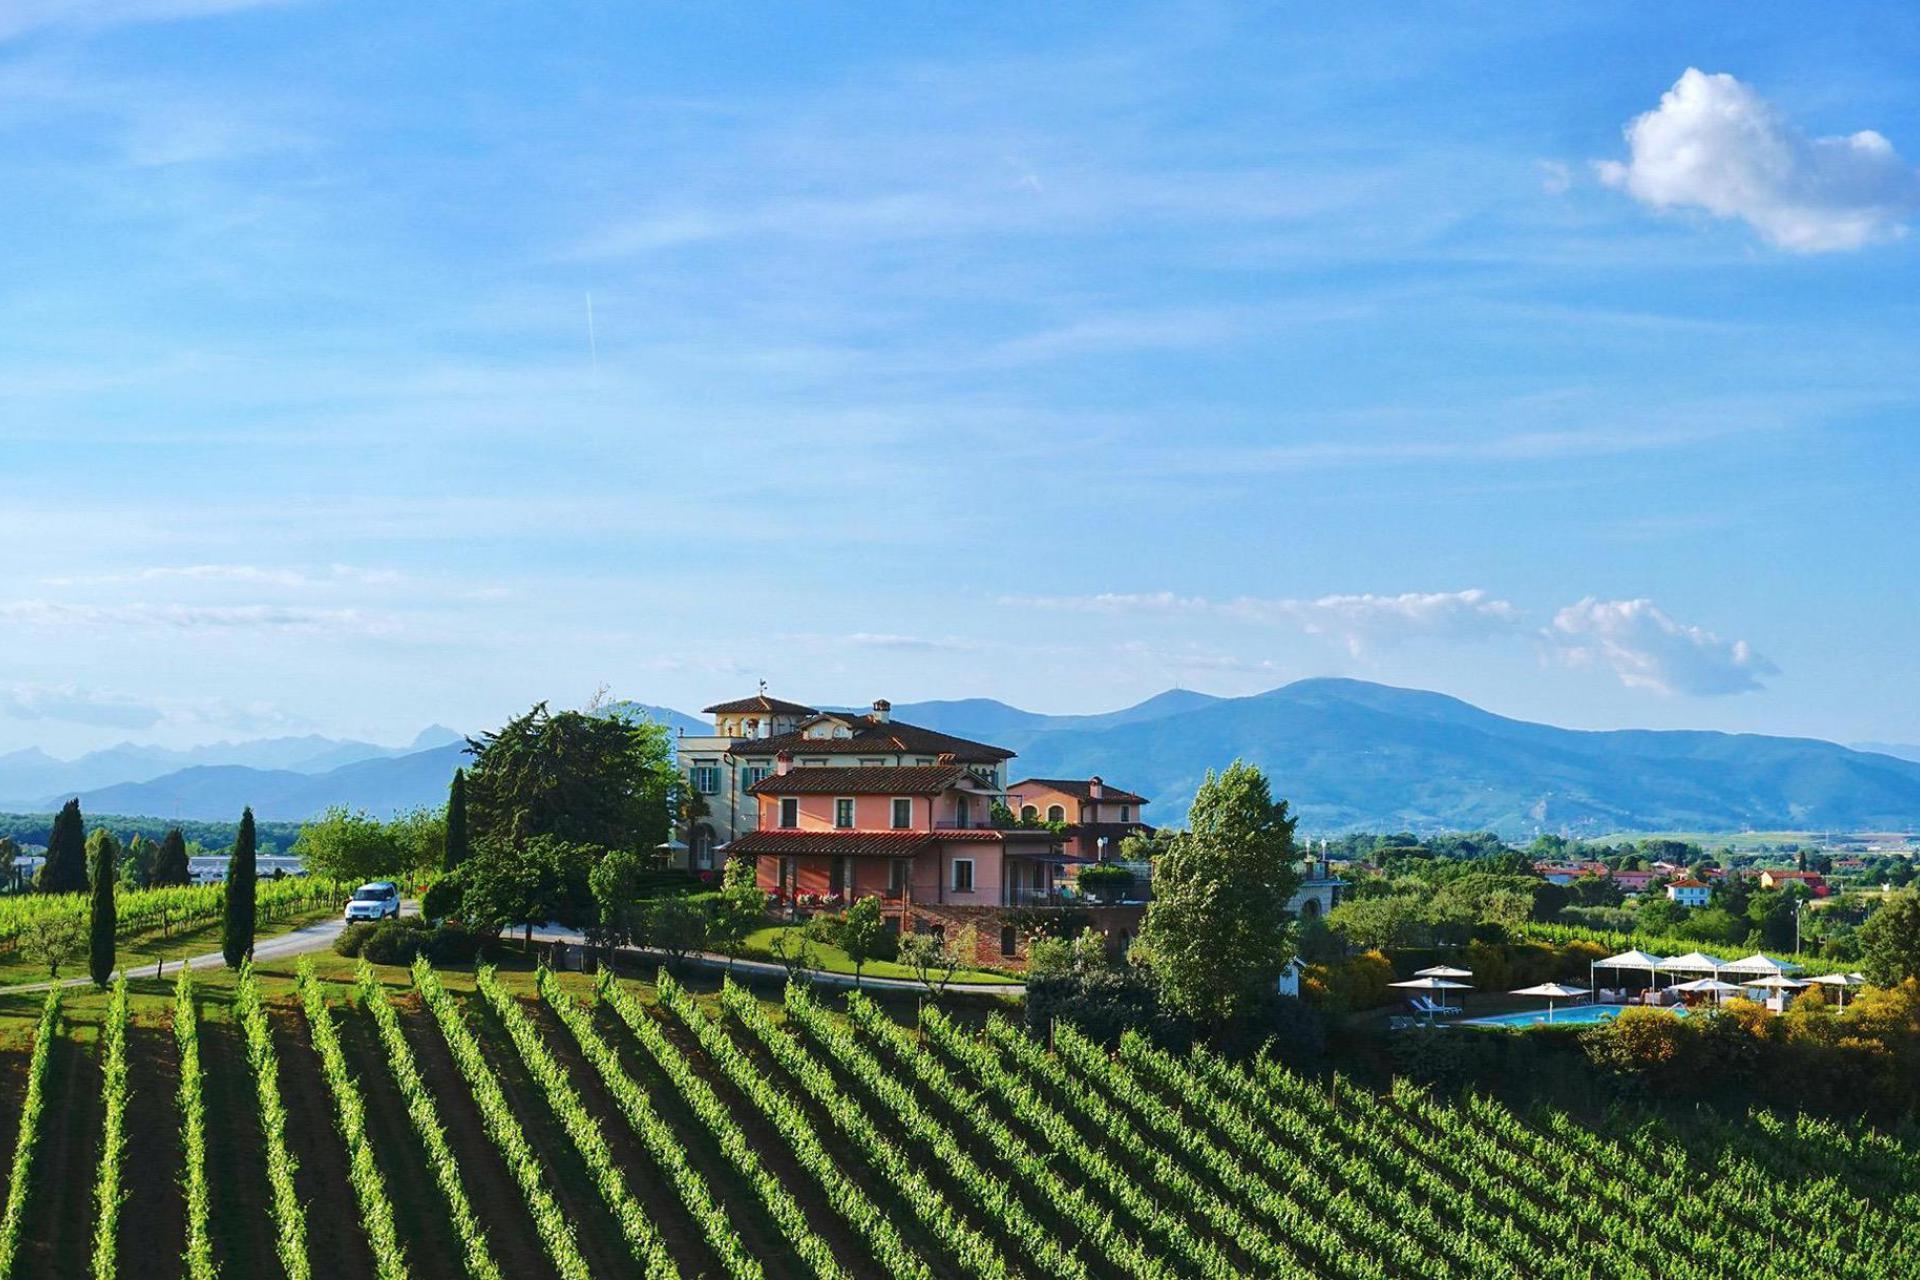 Agriturismo Toscane Luxe agiturismo en wijnboerderij bij Pisa